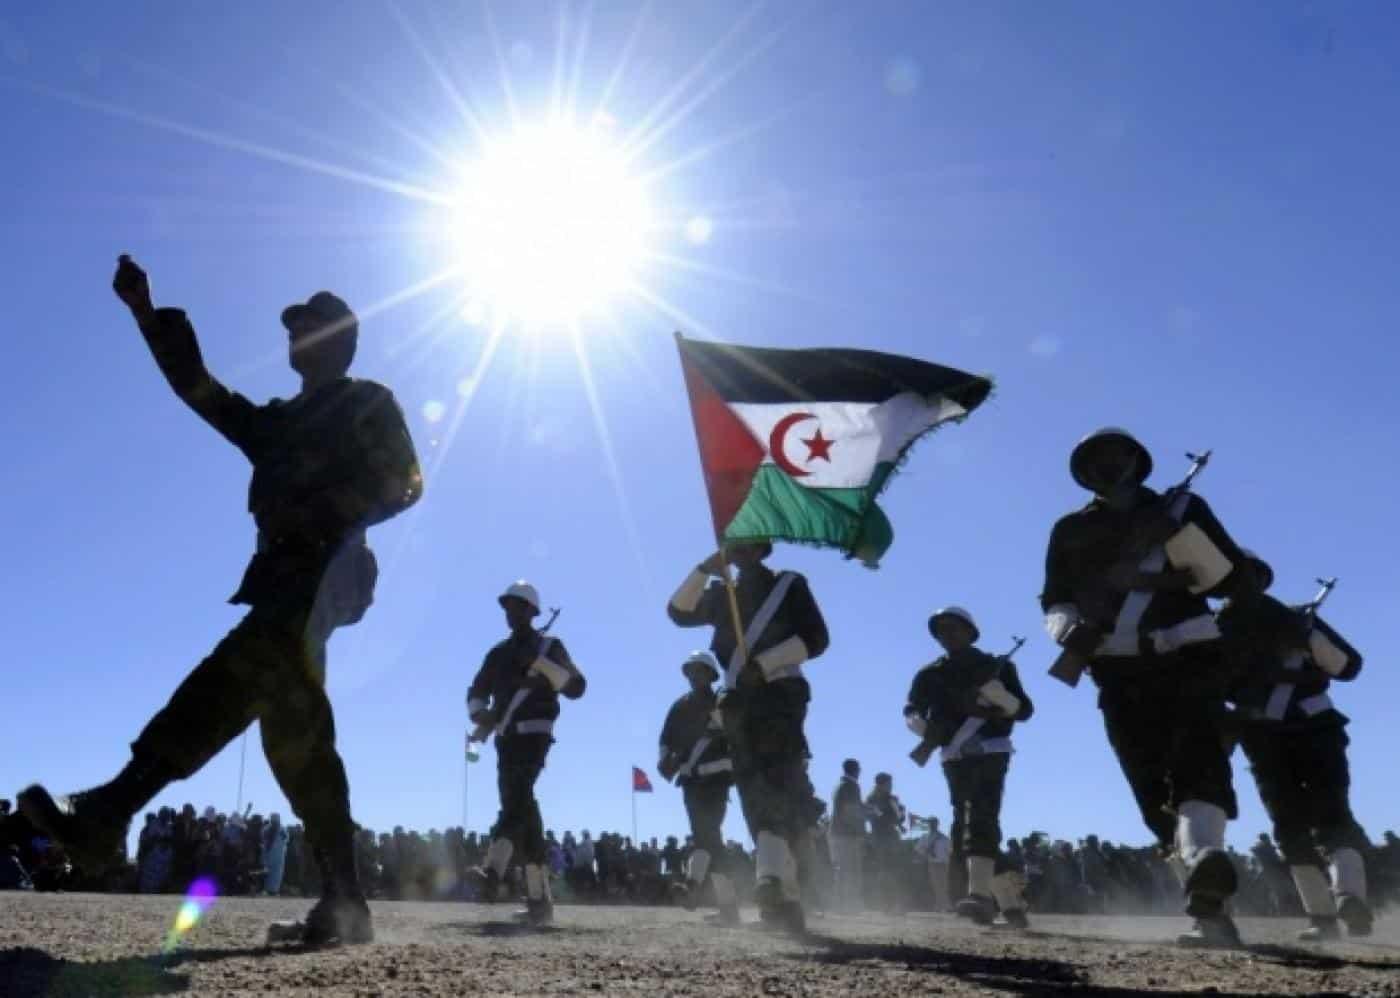 © DR | Défilé de soldats du Front Polisario, en 2011, à l'occasion du 35e anniversaire de la création de la République arabe sahraouie démocratique